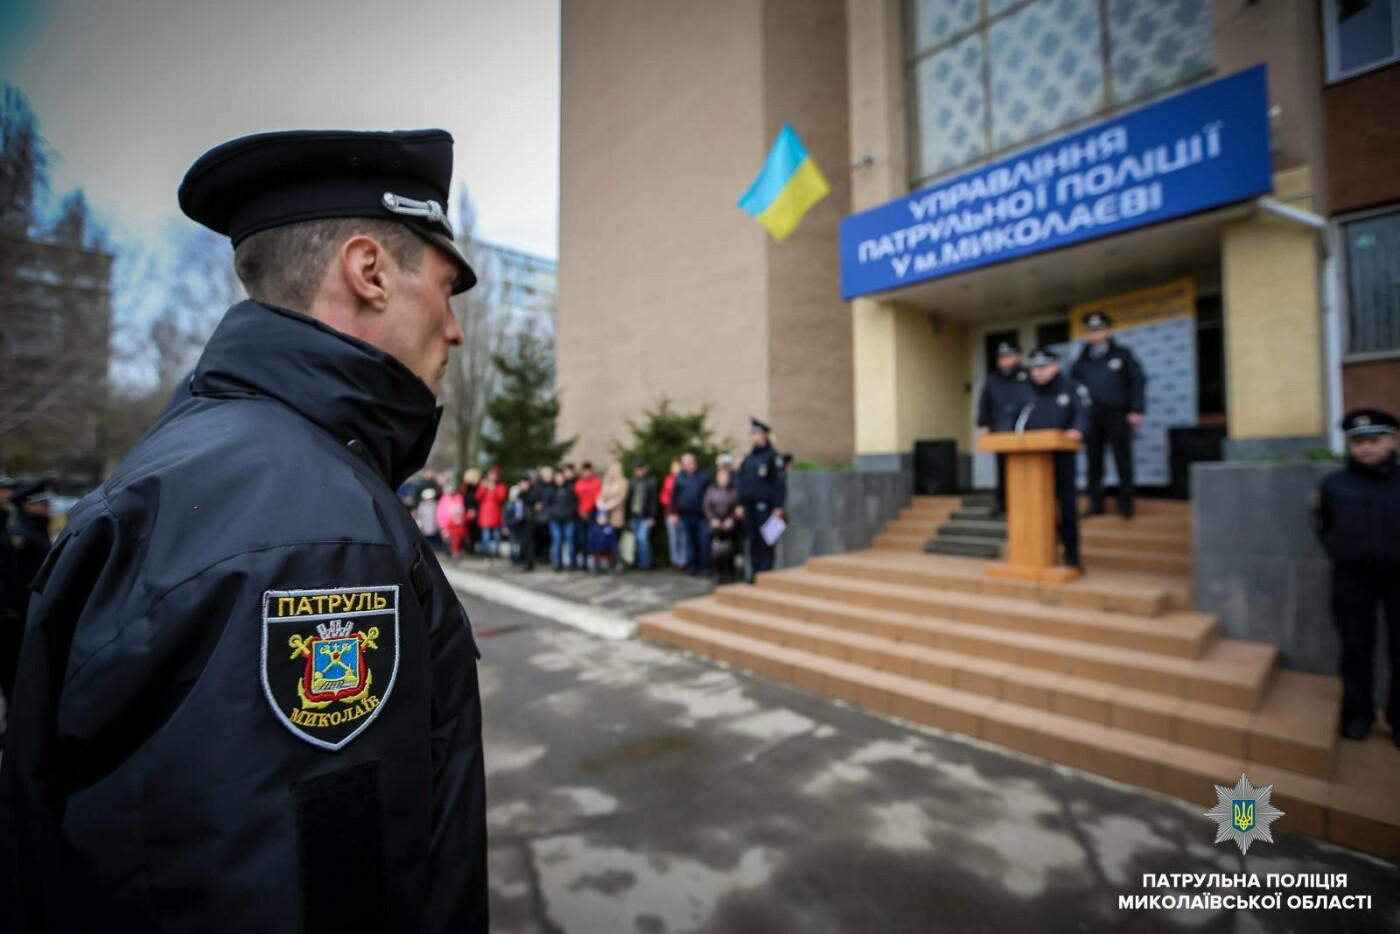 В Николаеве 18 полицейских присягнули на верность украинскому народу, - ФОТО, фото-1